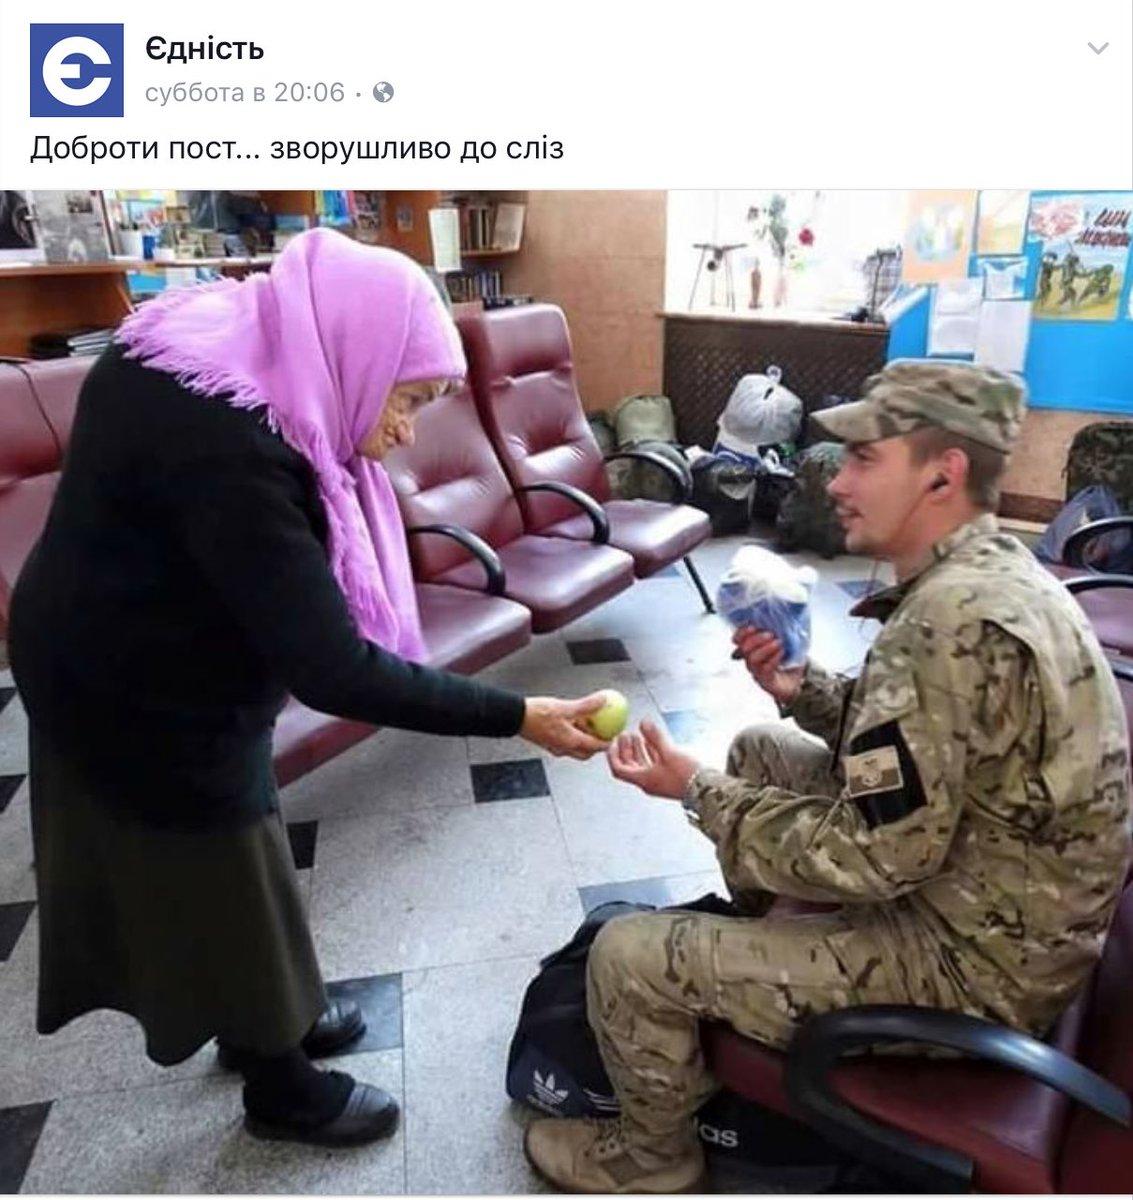 Российские спецслужбы пытаются подорвать моральный дух украинских воинов, рассылая им СМС с призывами не выполнять воинский долг, - Минобороны - Цензор.НЕТ 370